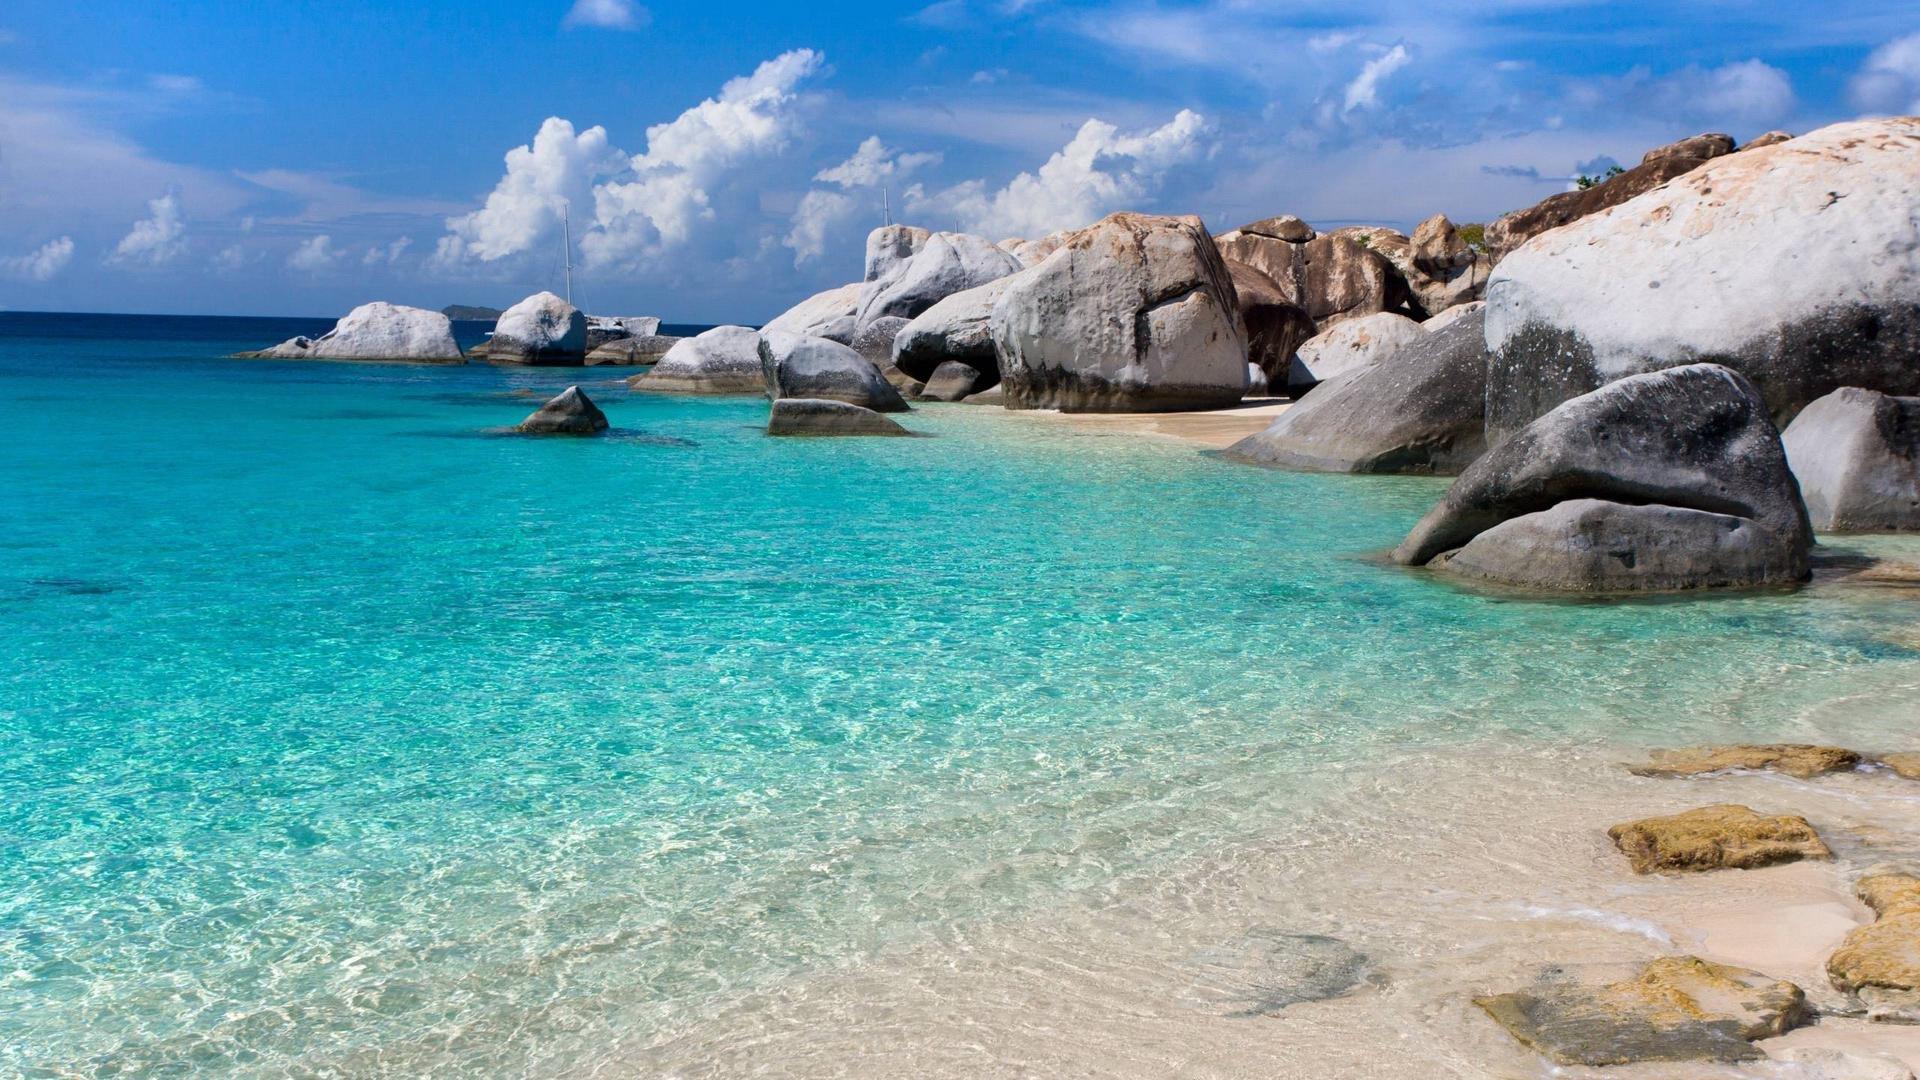 Фото моря и пляжа 18 фотография